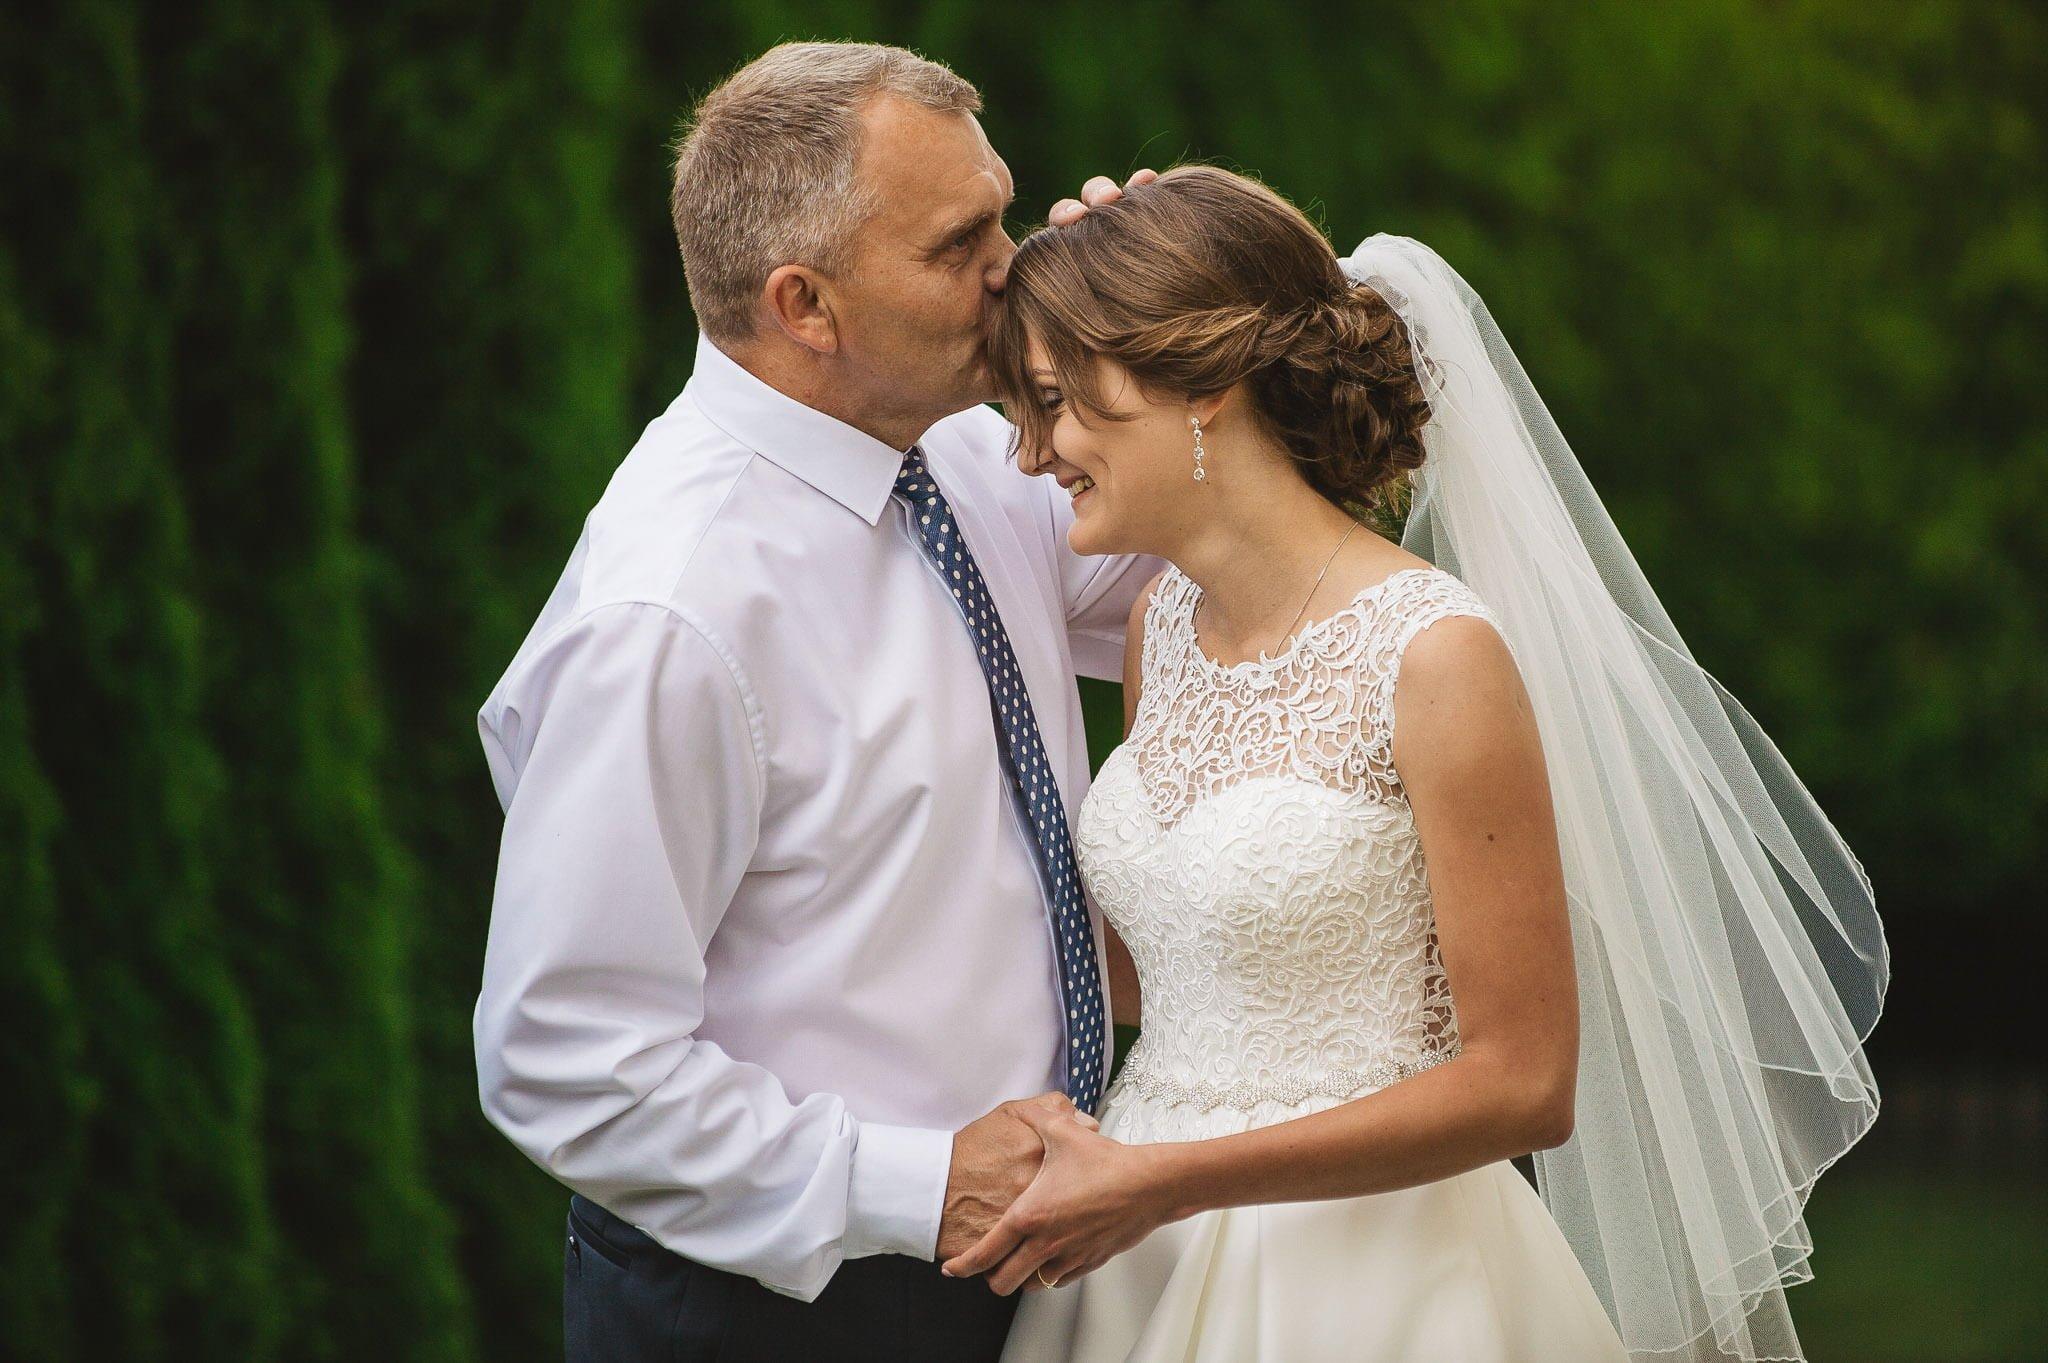 Monika i Michał, wesele w Paryżu i sesja plenerowa w stadninie koni w Czołowie 41